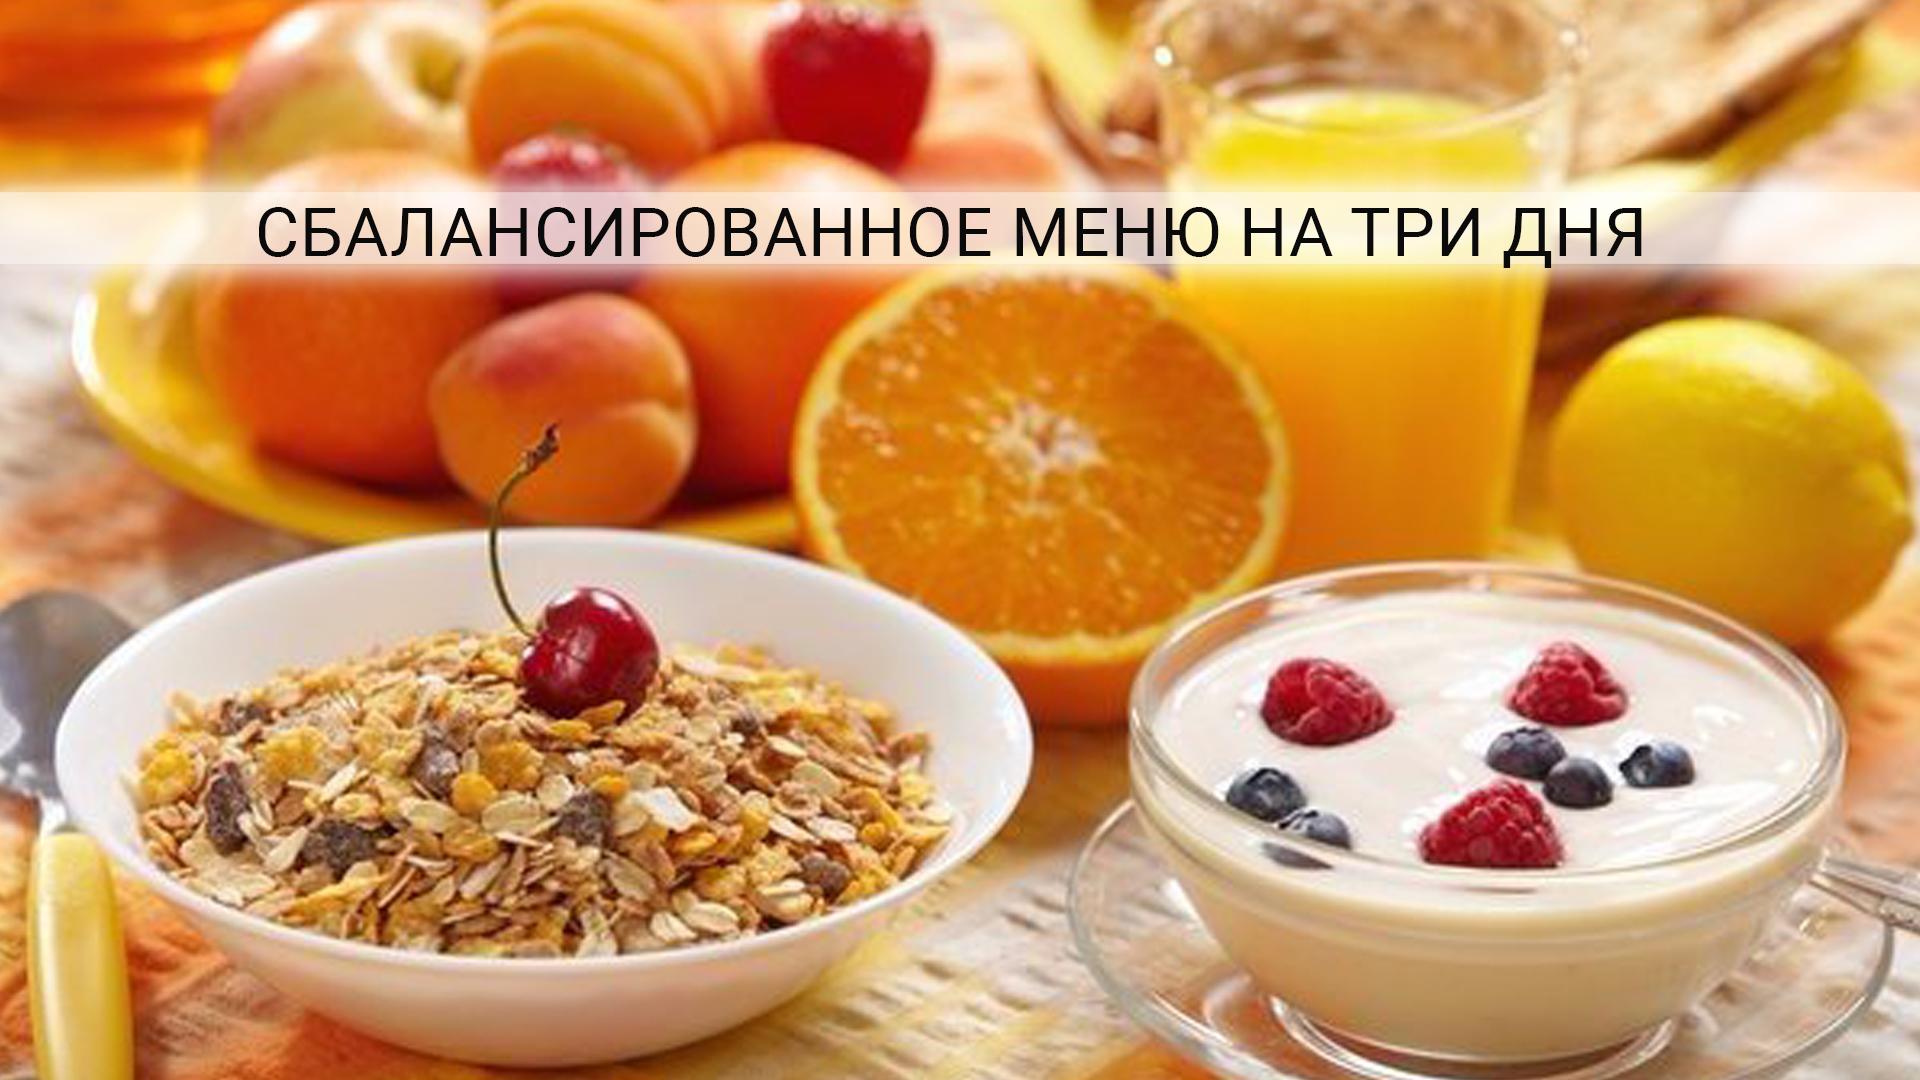 Правильное питание: пример меню на 1400—1500 ккал (весь день)